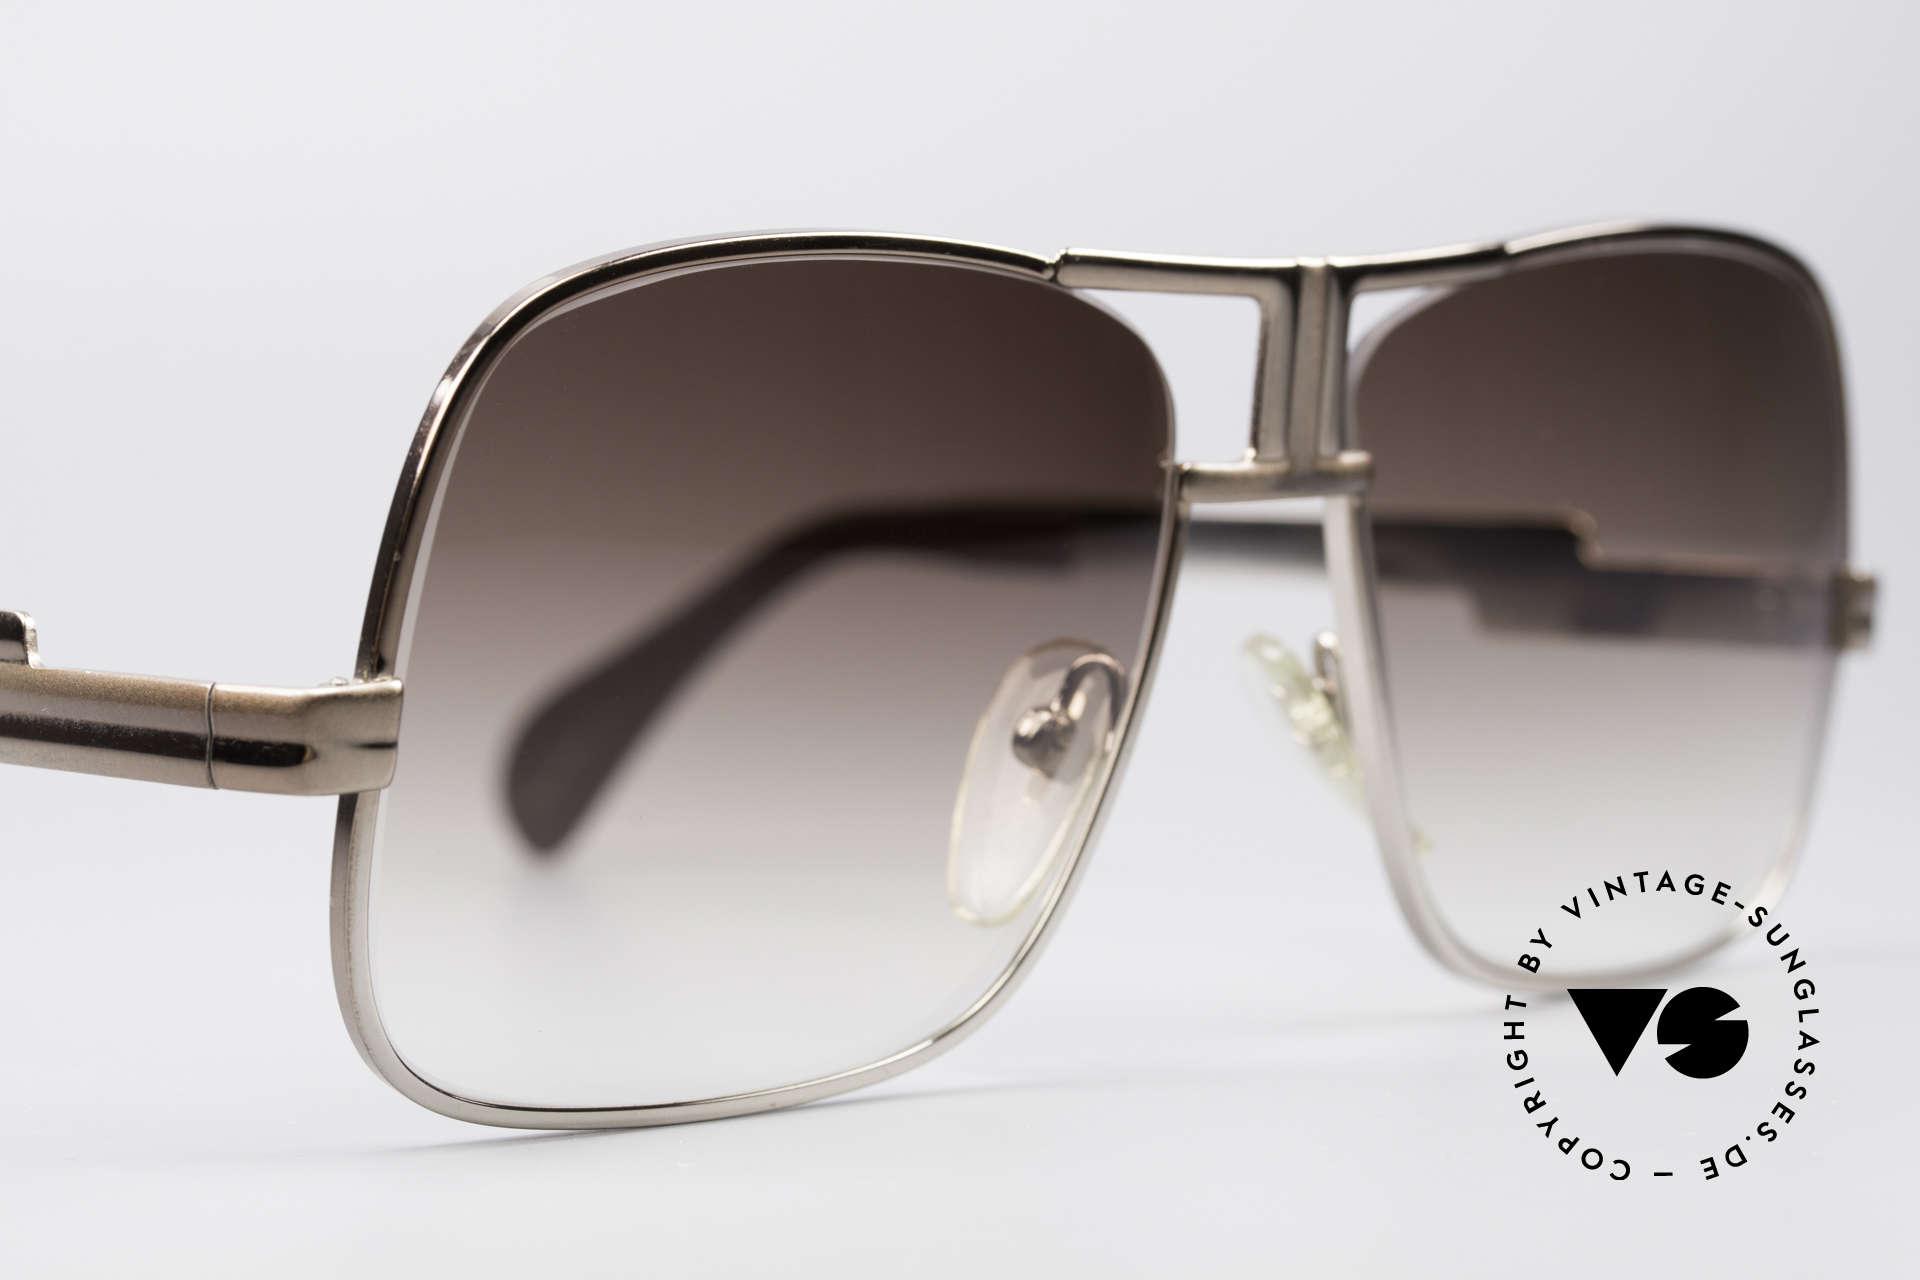 Cazal 701 Ultra Seltene 70er Sonnenbrille, ungetragener Altbestand; Einzelstück; echte Rarität, Passend für Herren